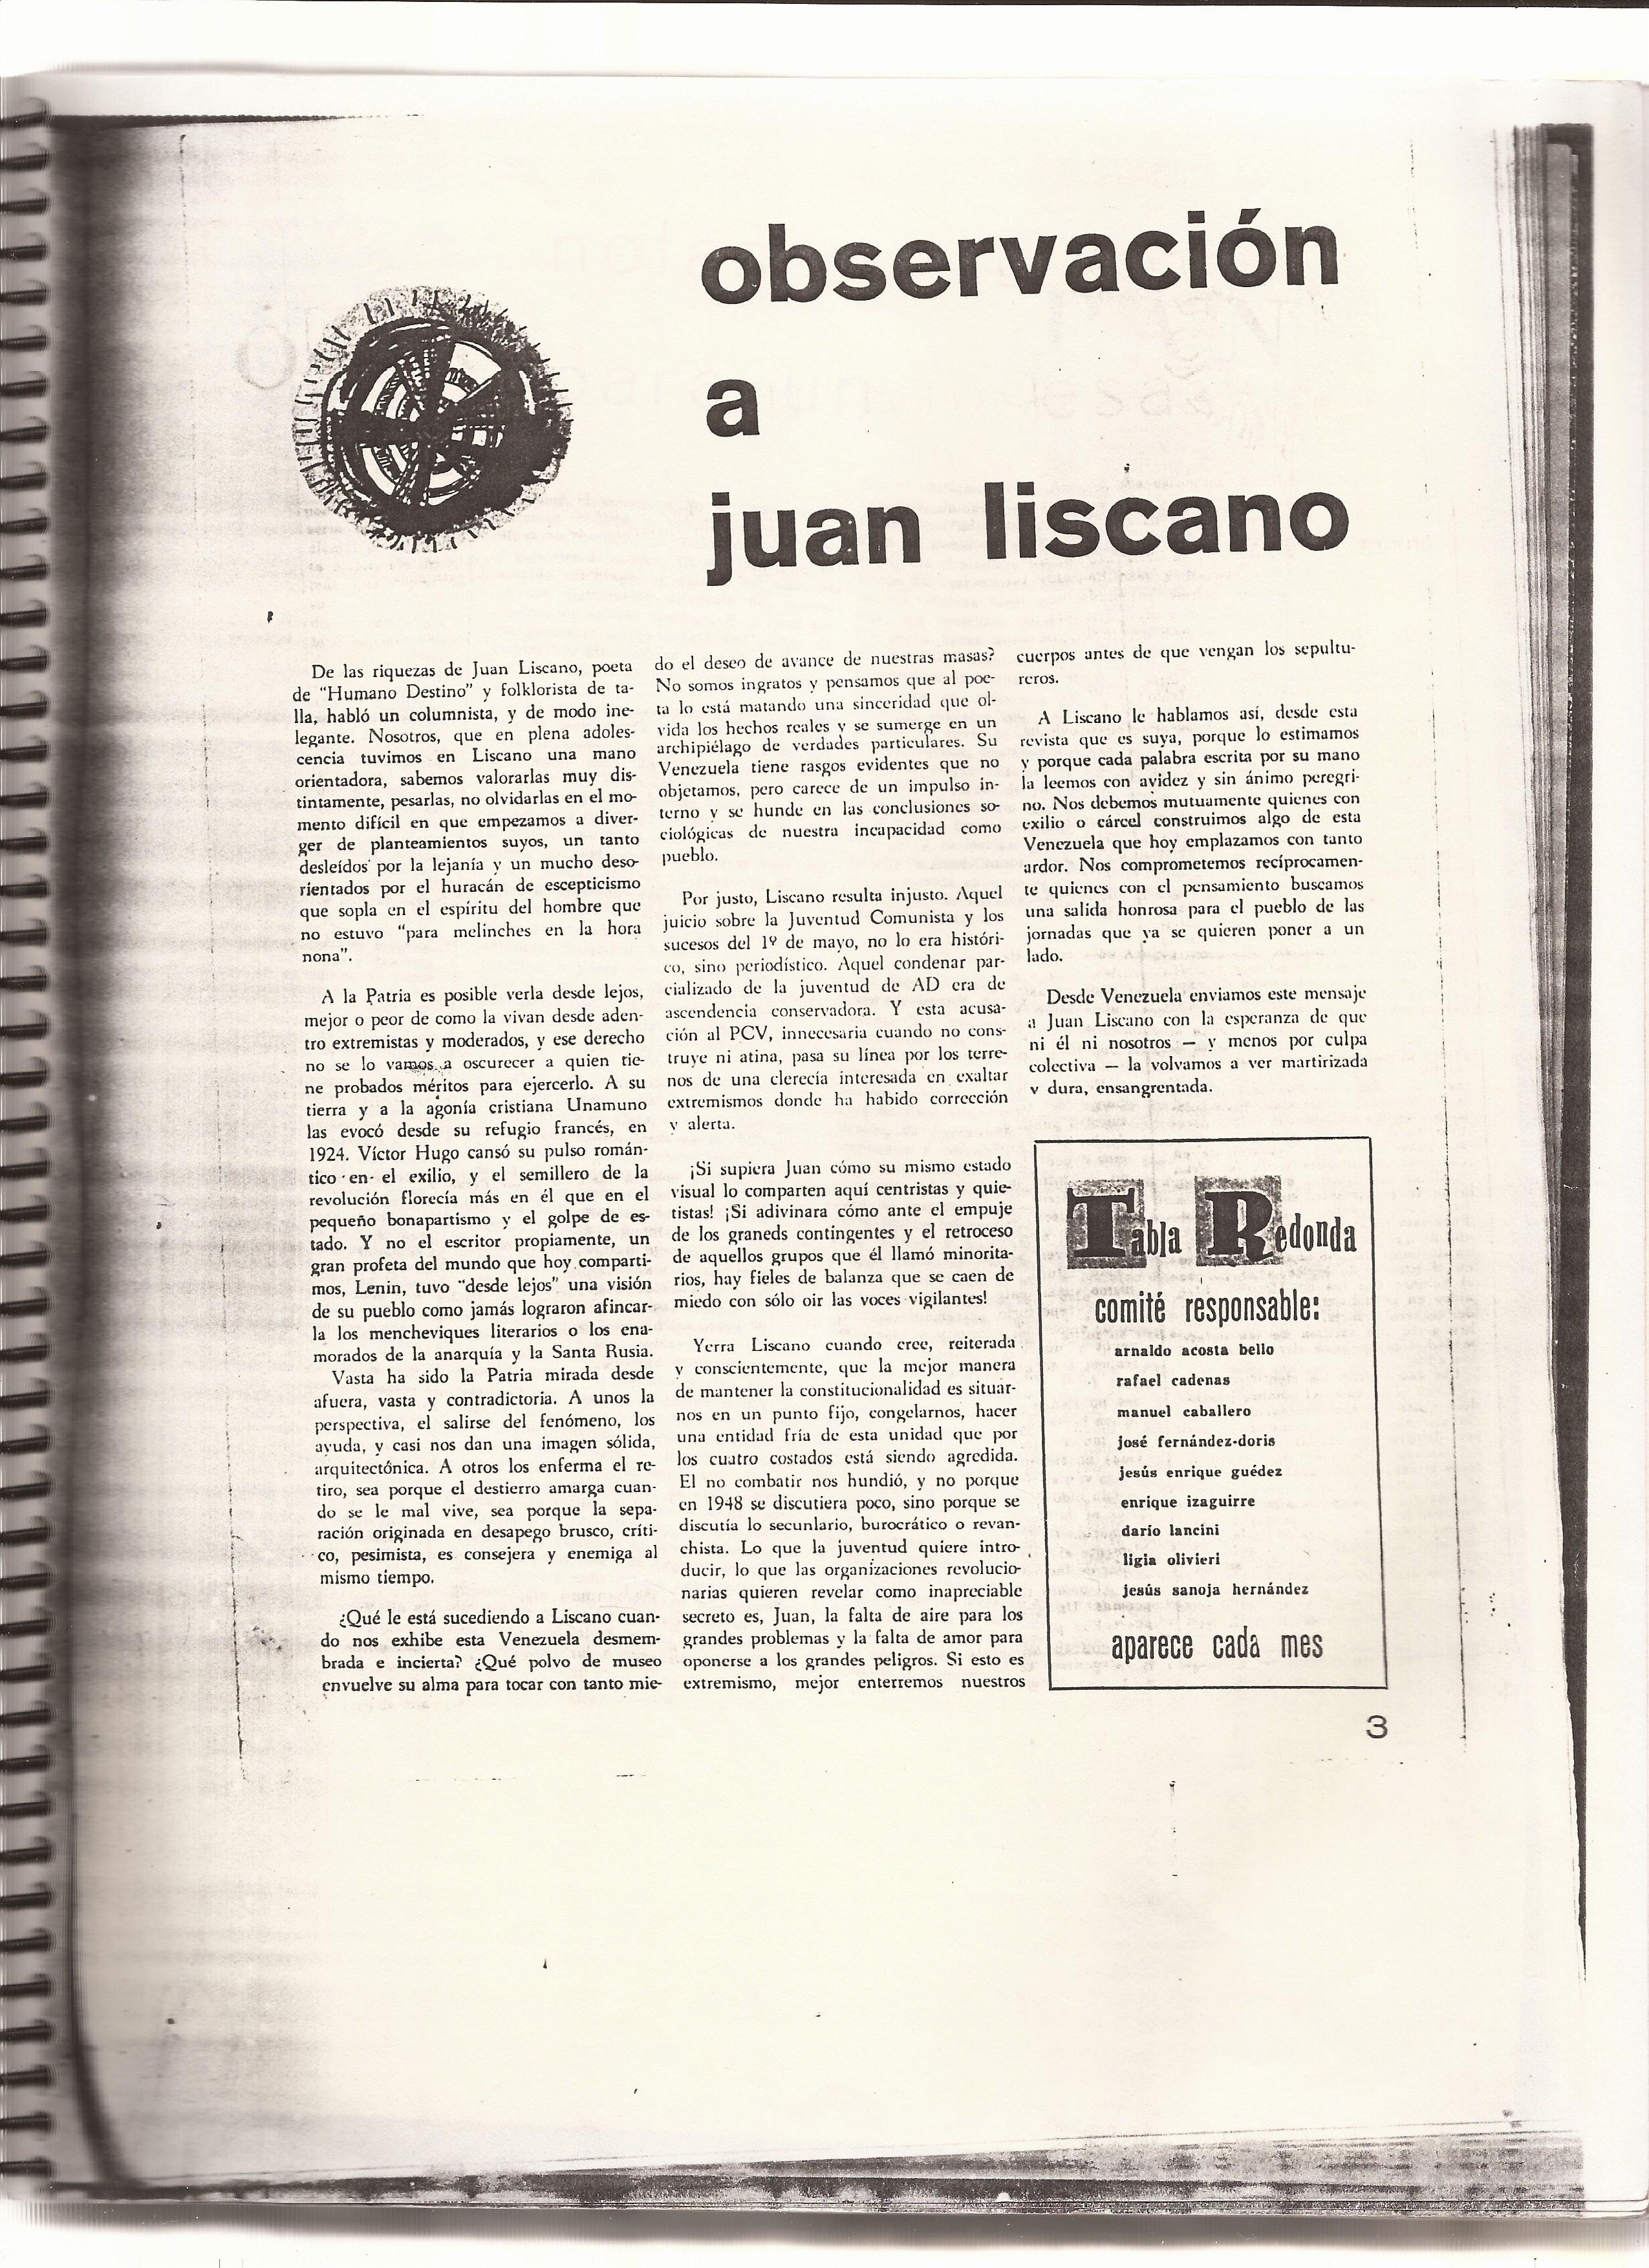 Observaciona Juan Liscano